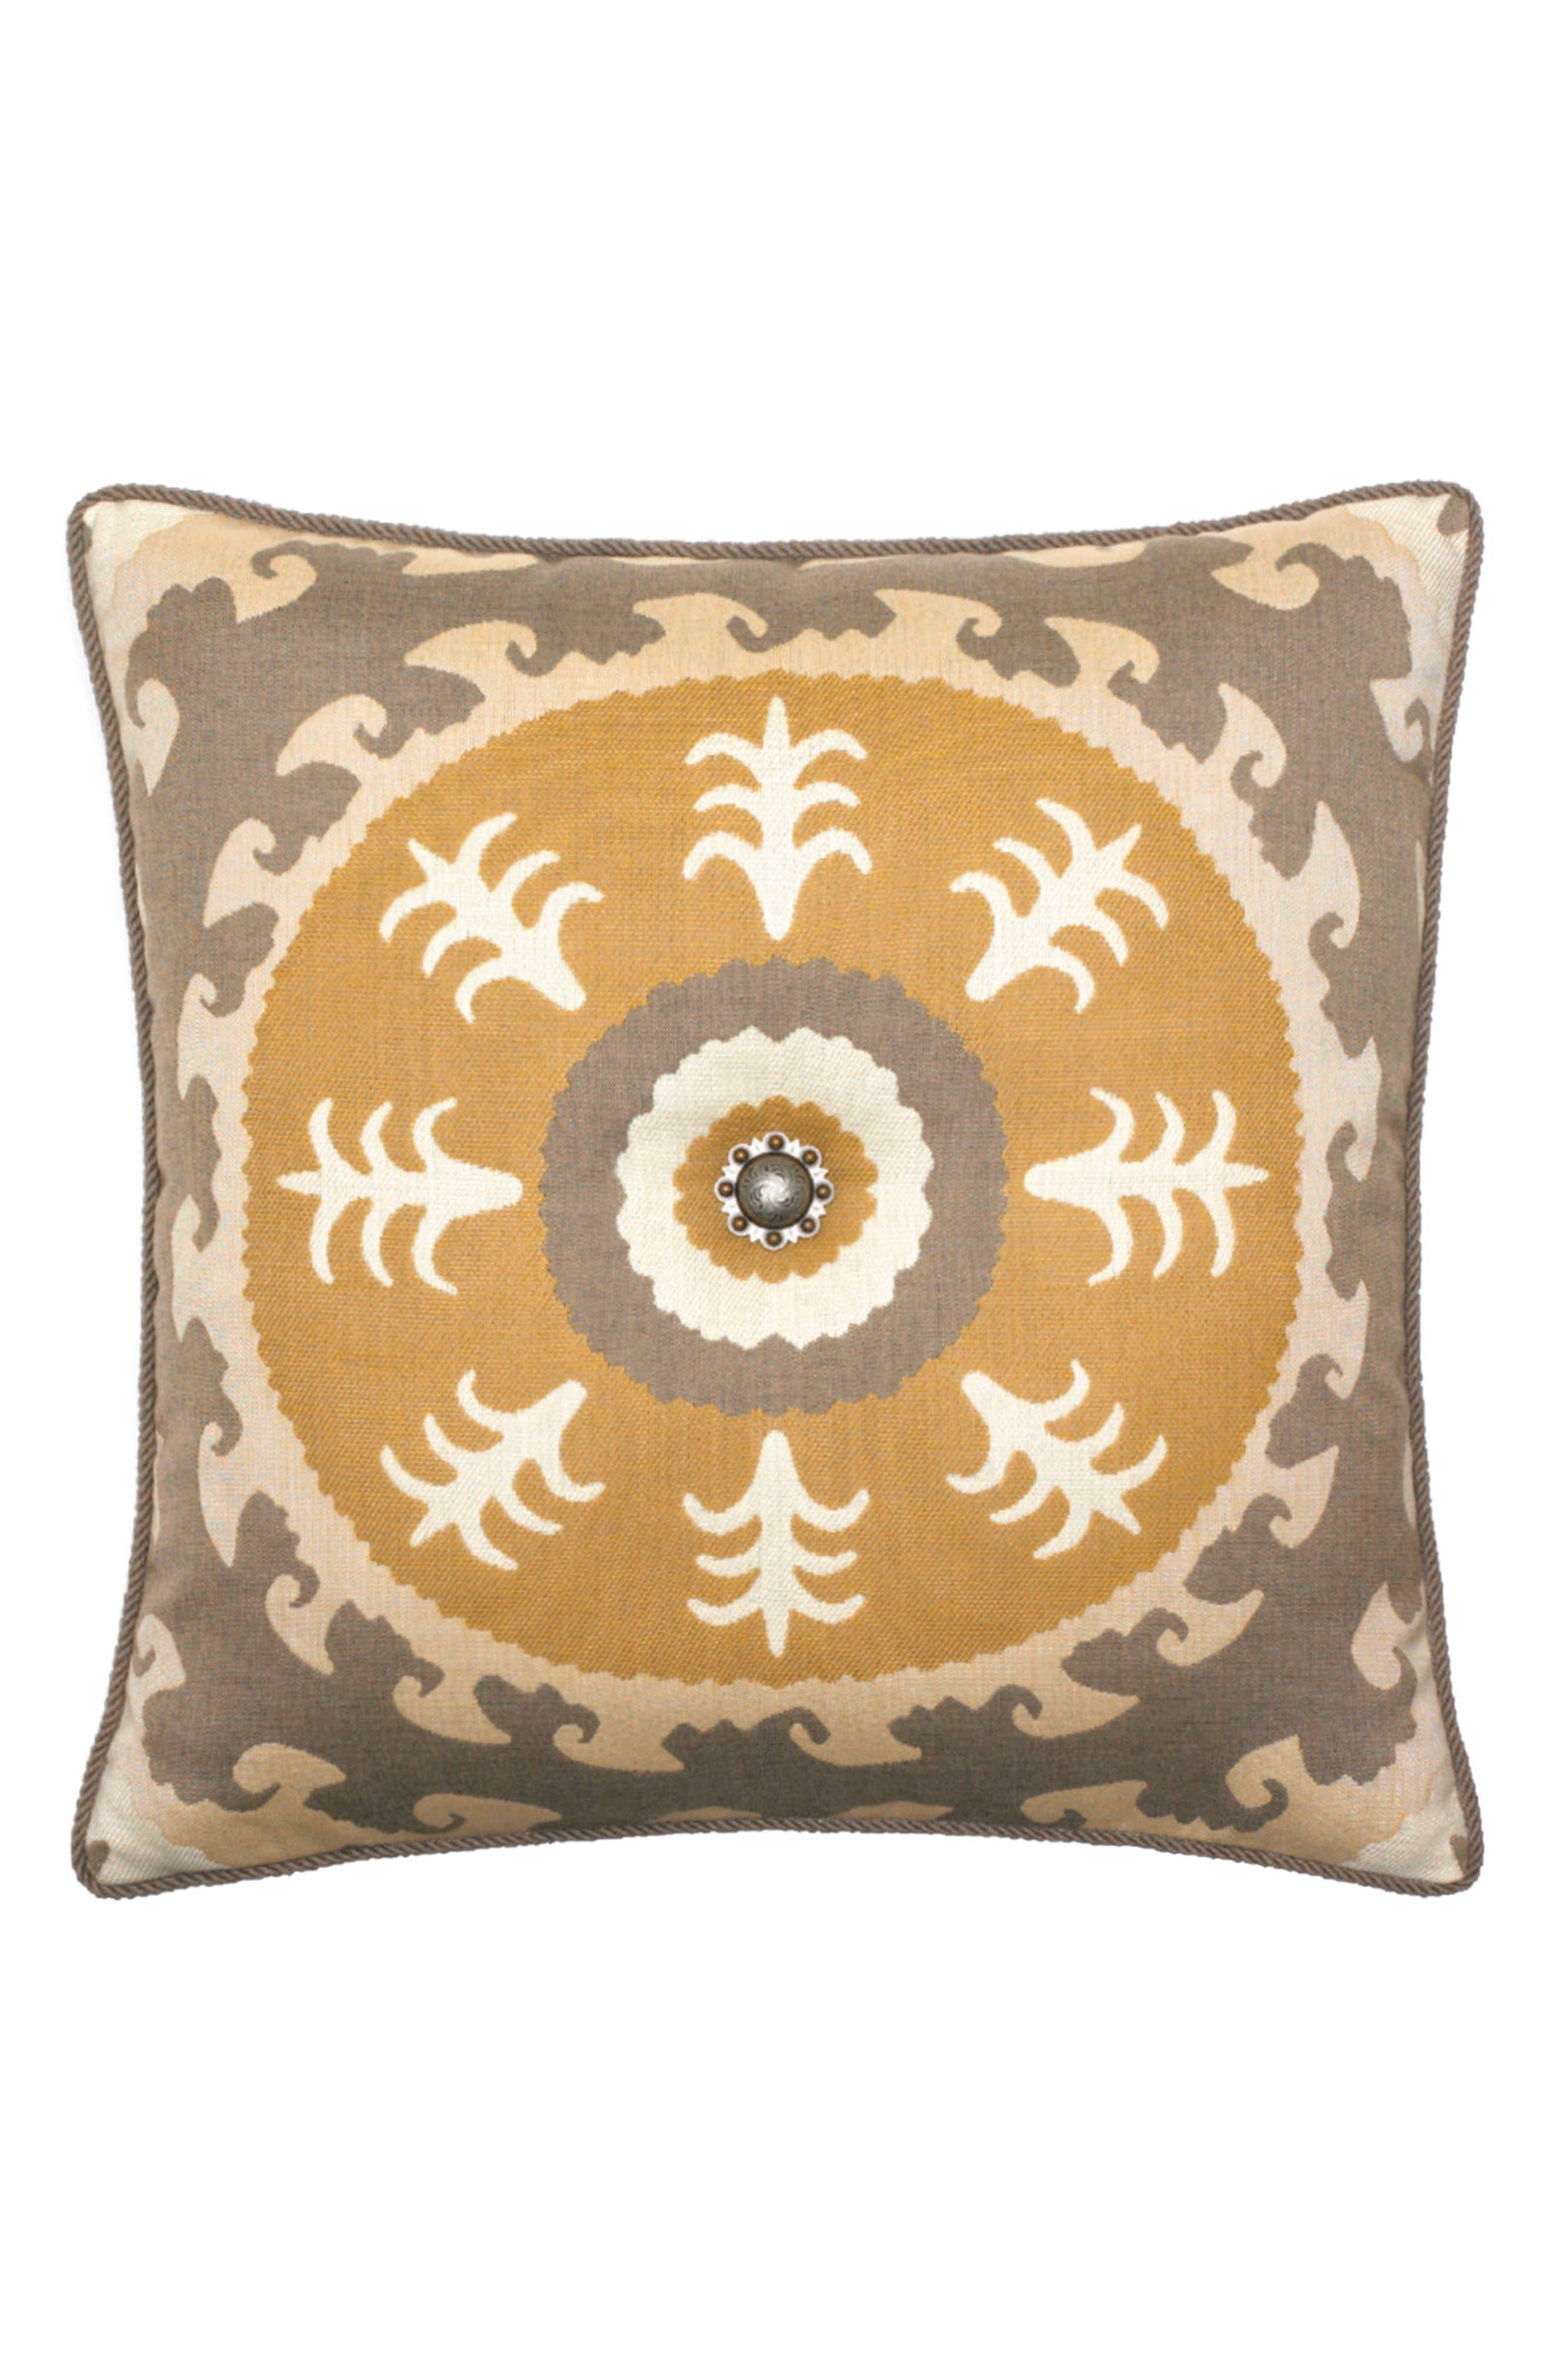 Jeweled Sedona Sun Indoor/Outdoor Accent Pillow,                             Main thumbnail 1, color,                             GOLD/ GREY